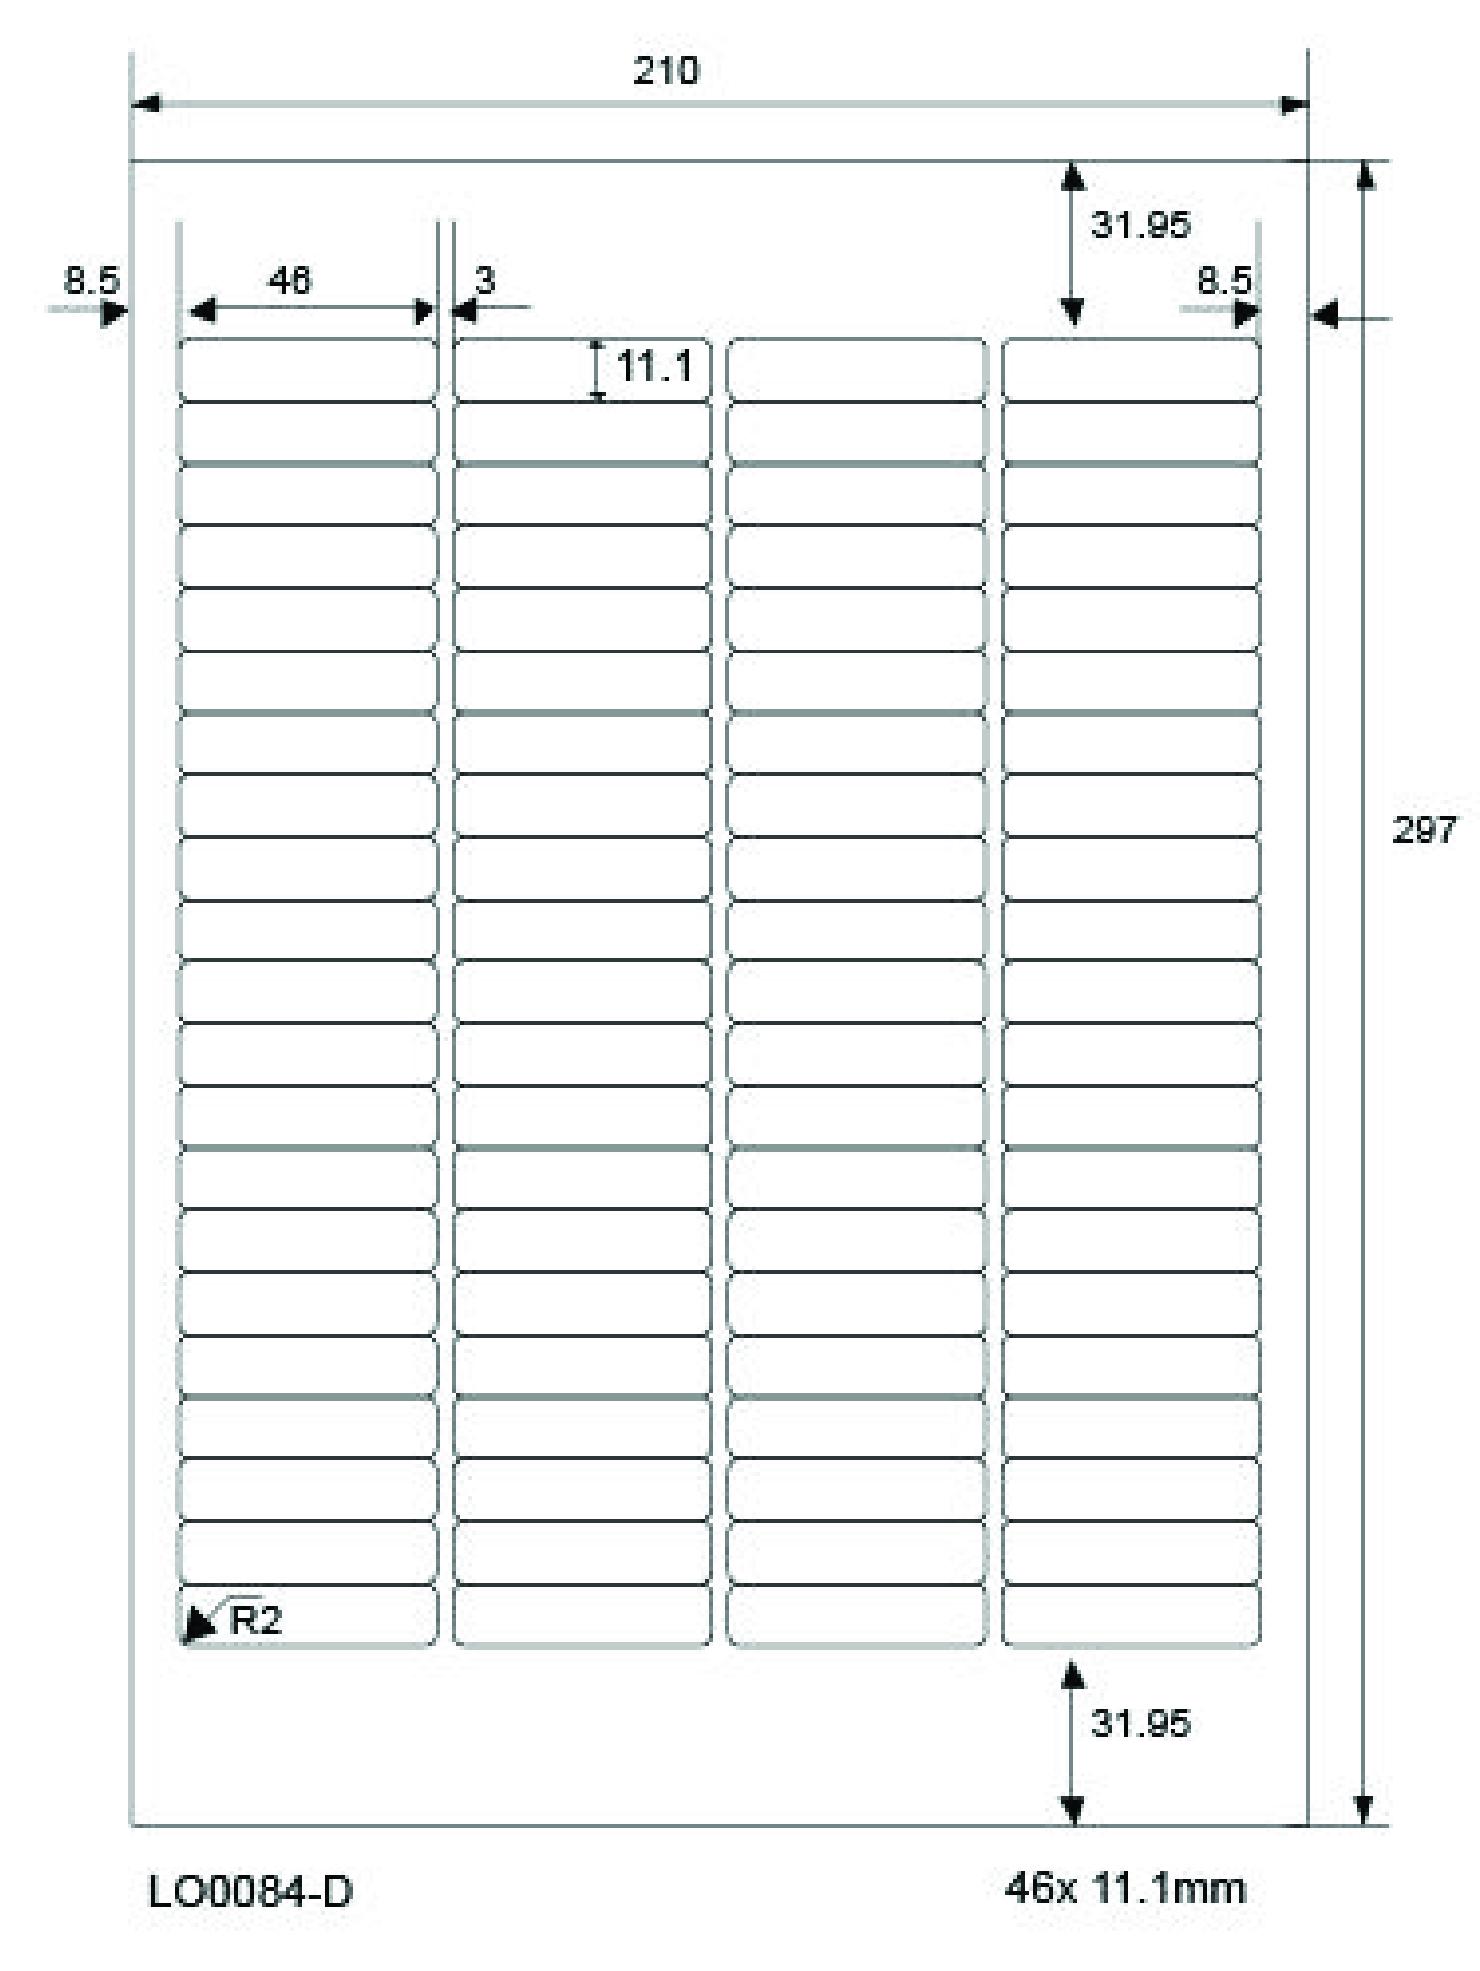 70 x 38 mm TANEX TW-2121 Universaletiketten 210 Etiketten 10 Blatt weiß